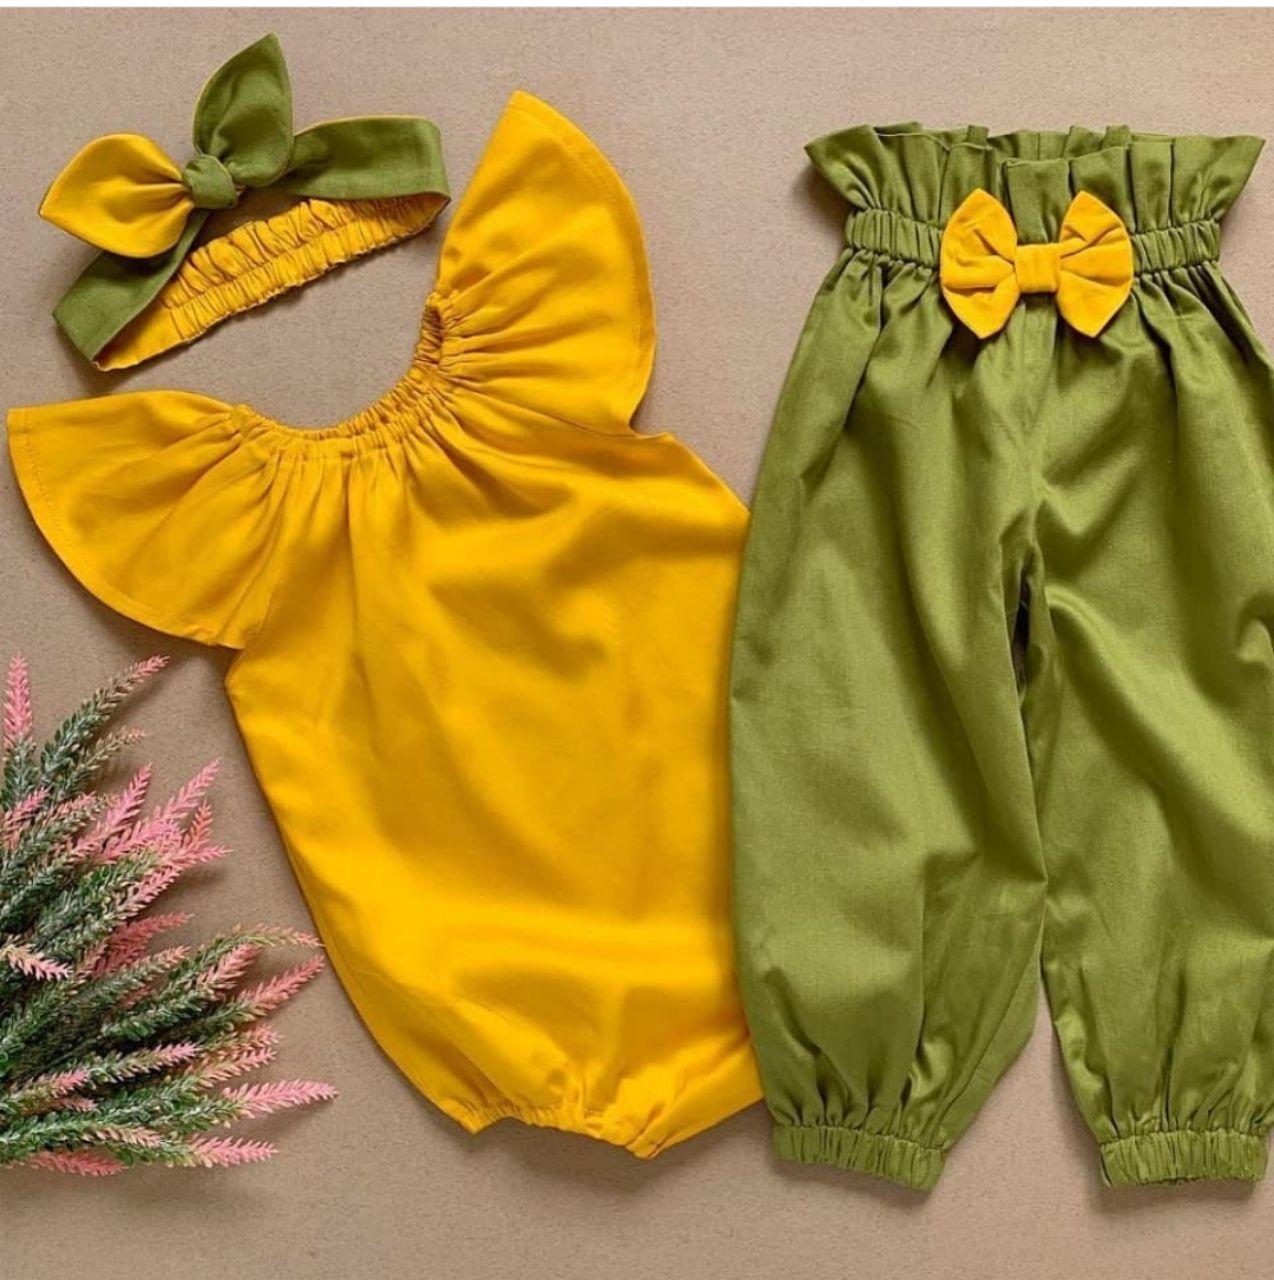 لباس کودکان,لباس کودکان زیبا,لباس کودکان دخترونه,لباس کودکان پسرونه,لباس کودکان شیک,لباس کودکان مدرن,لباس کودکان با کلاس,لباس کودکان ایده,ر نمونه ,لباس کودکان جدیدی